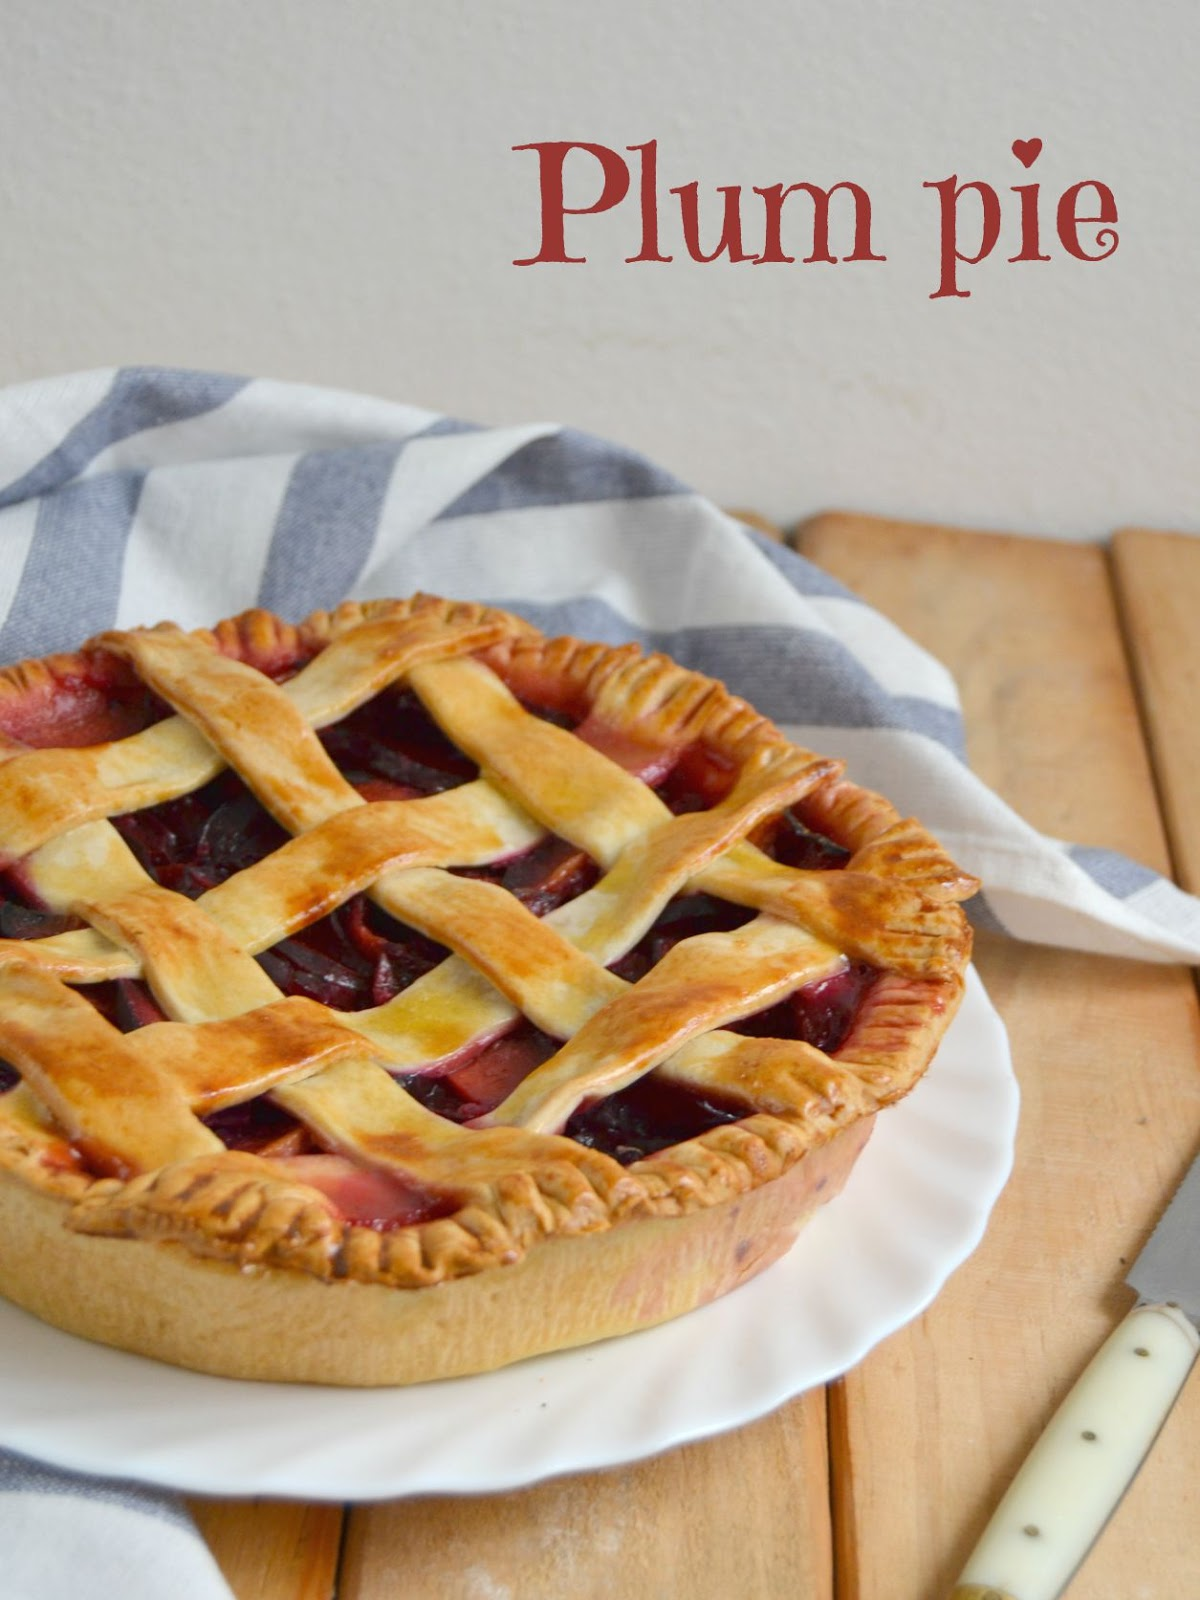 Pastel americano de ciruelas. Plum pie | Cuuking! Recetas de cocina